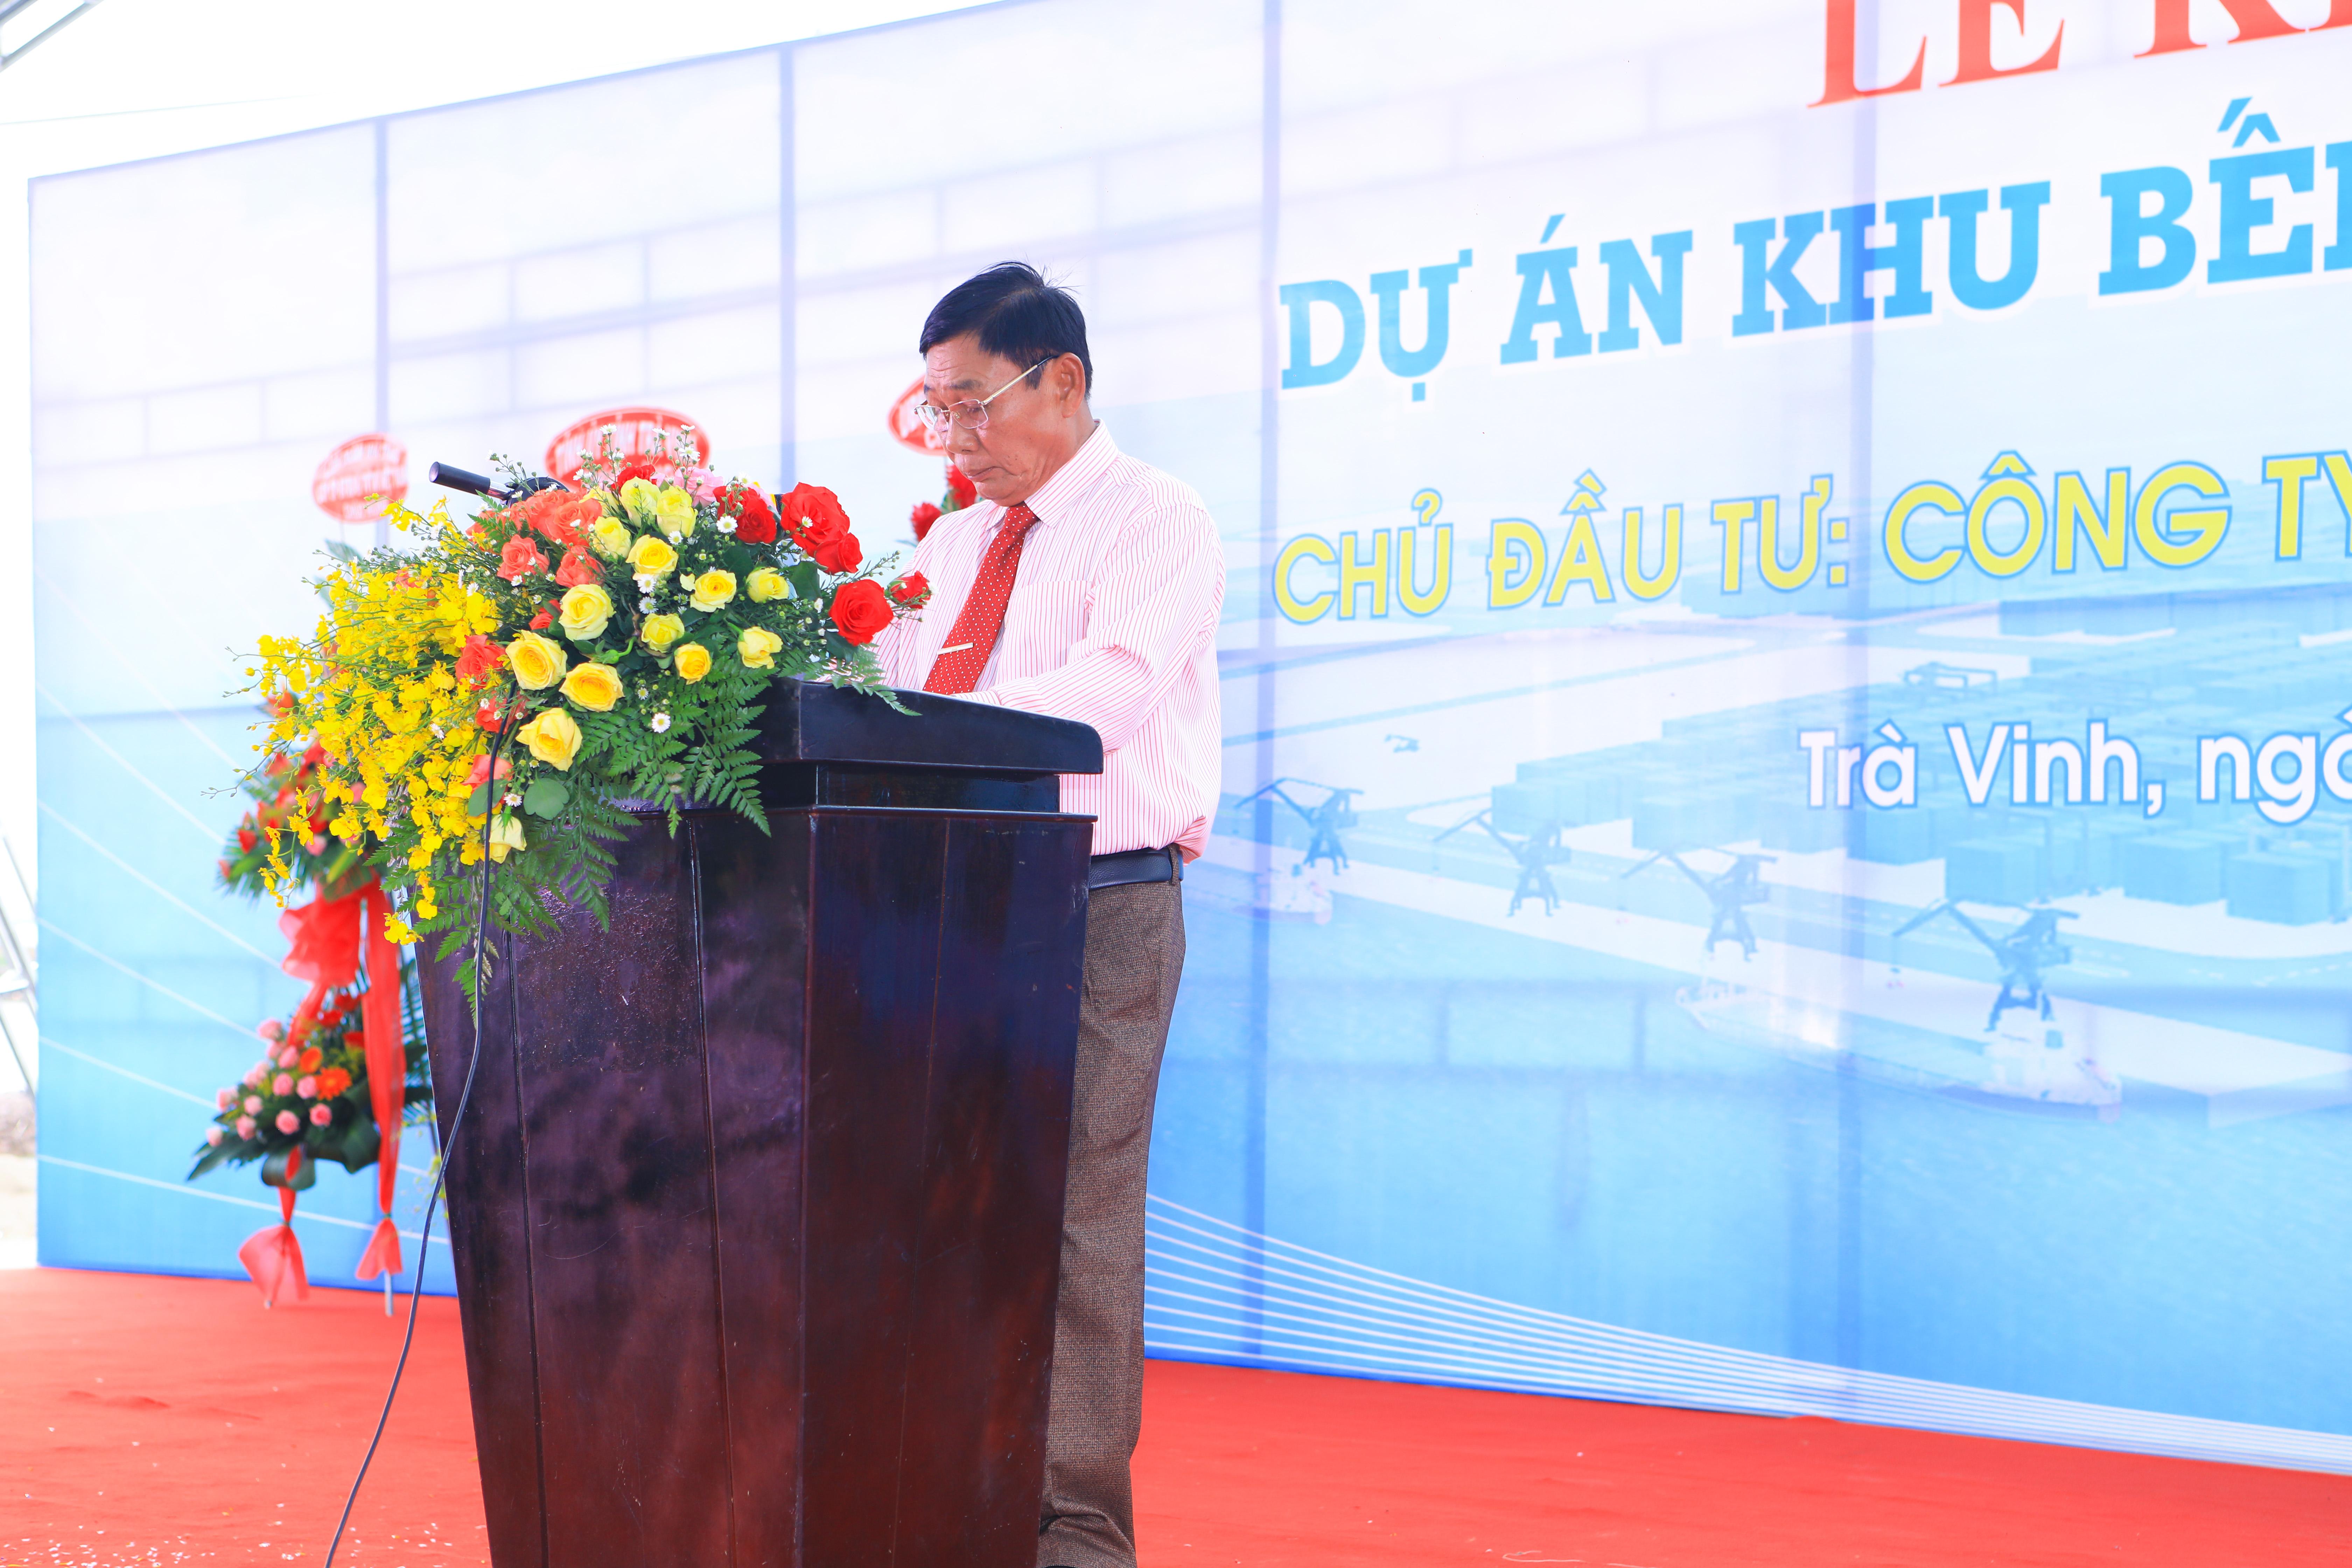 Khởi công xây dựng khu bến cảng tổng hợp Định An Trà Vinh - MCIC tư vấn thiết kế và giám sát